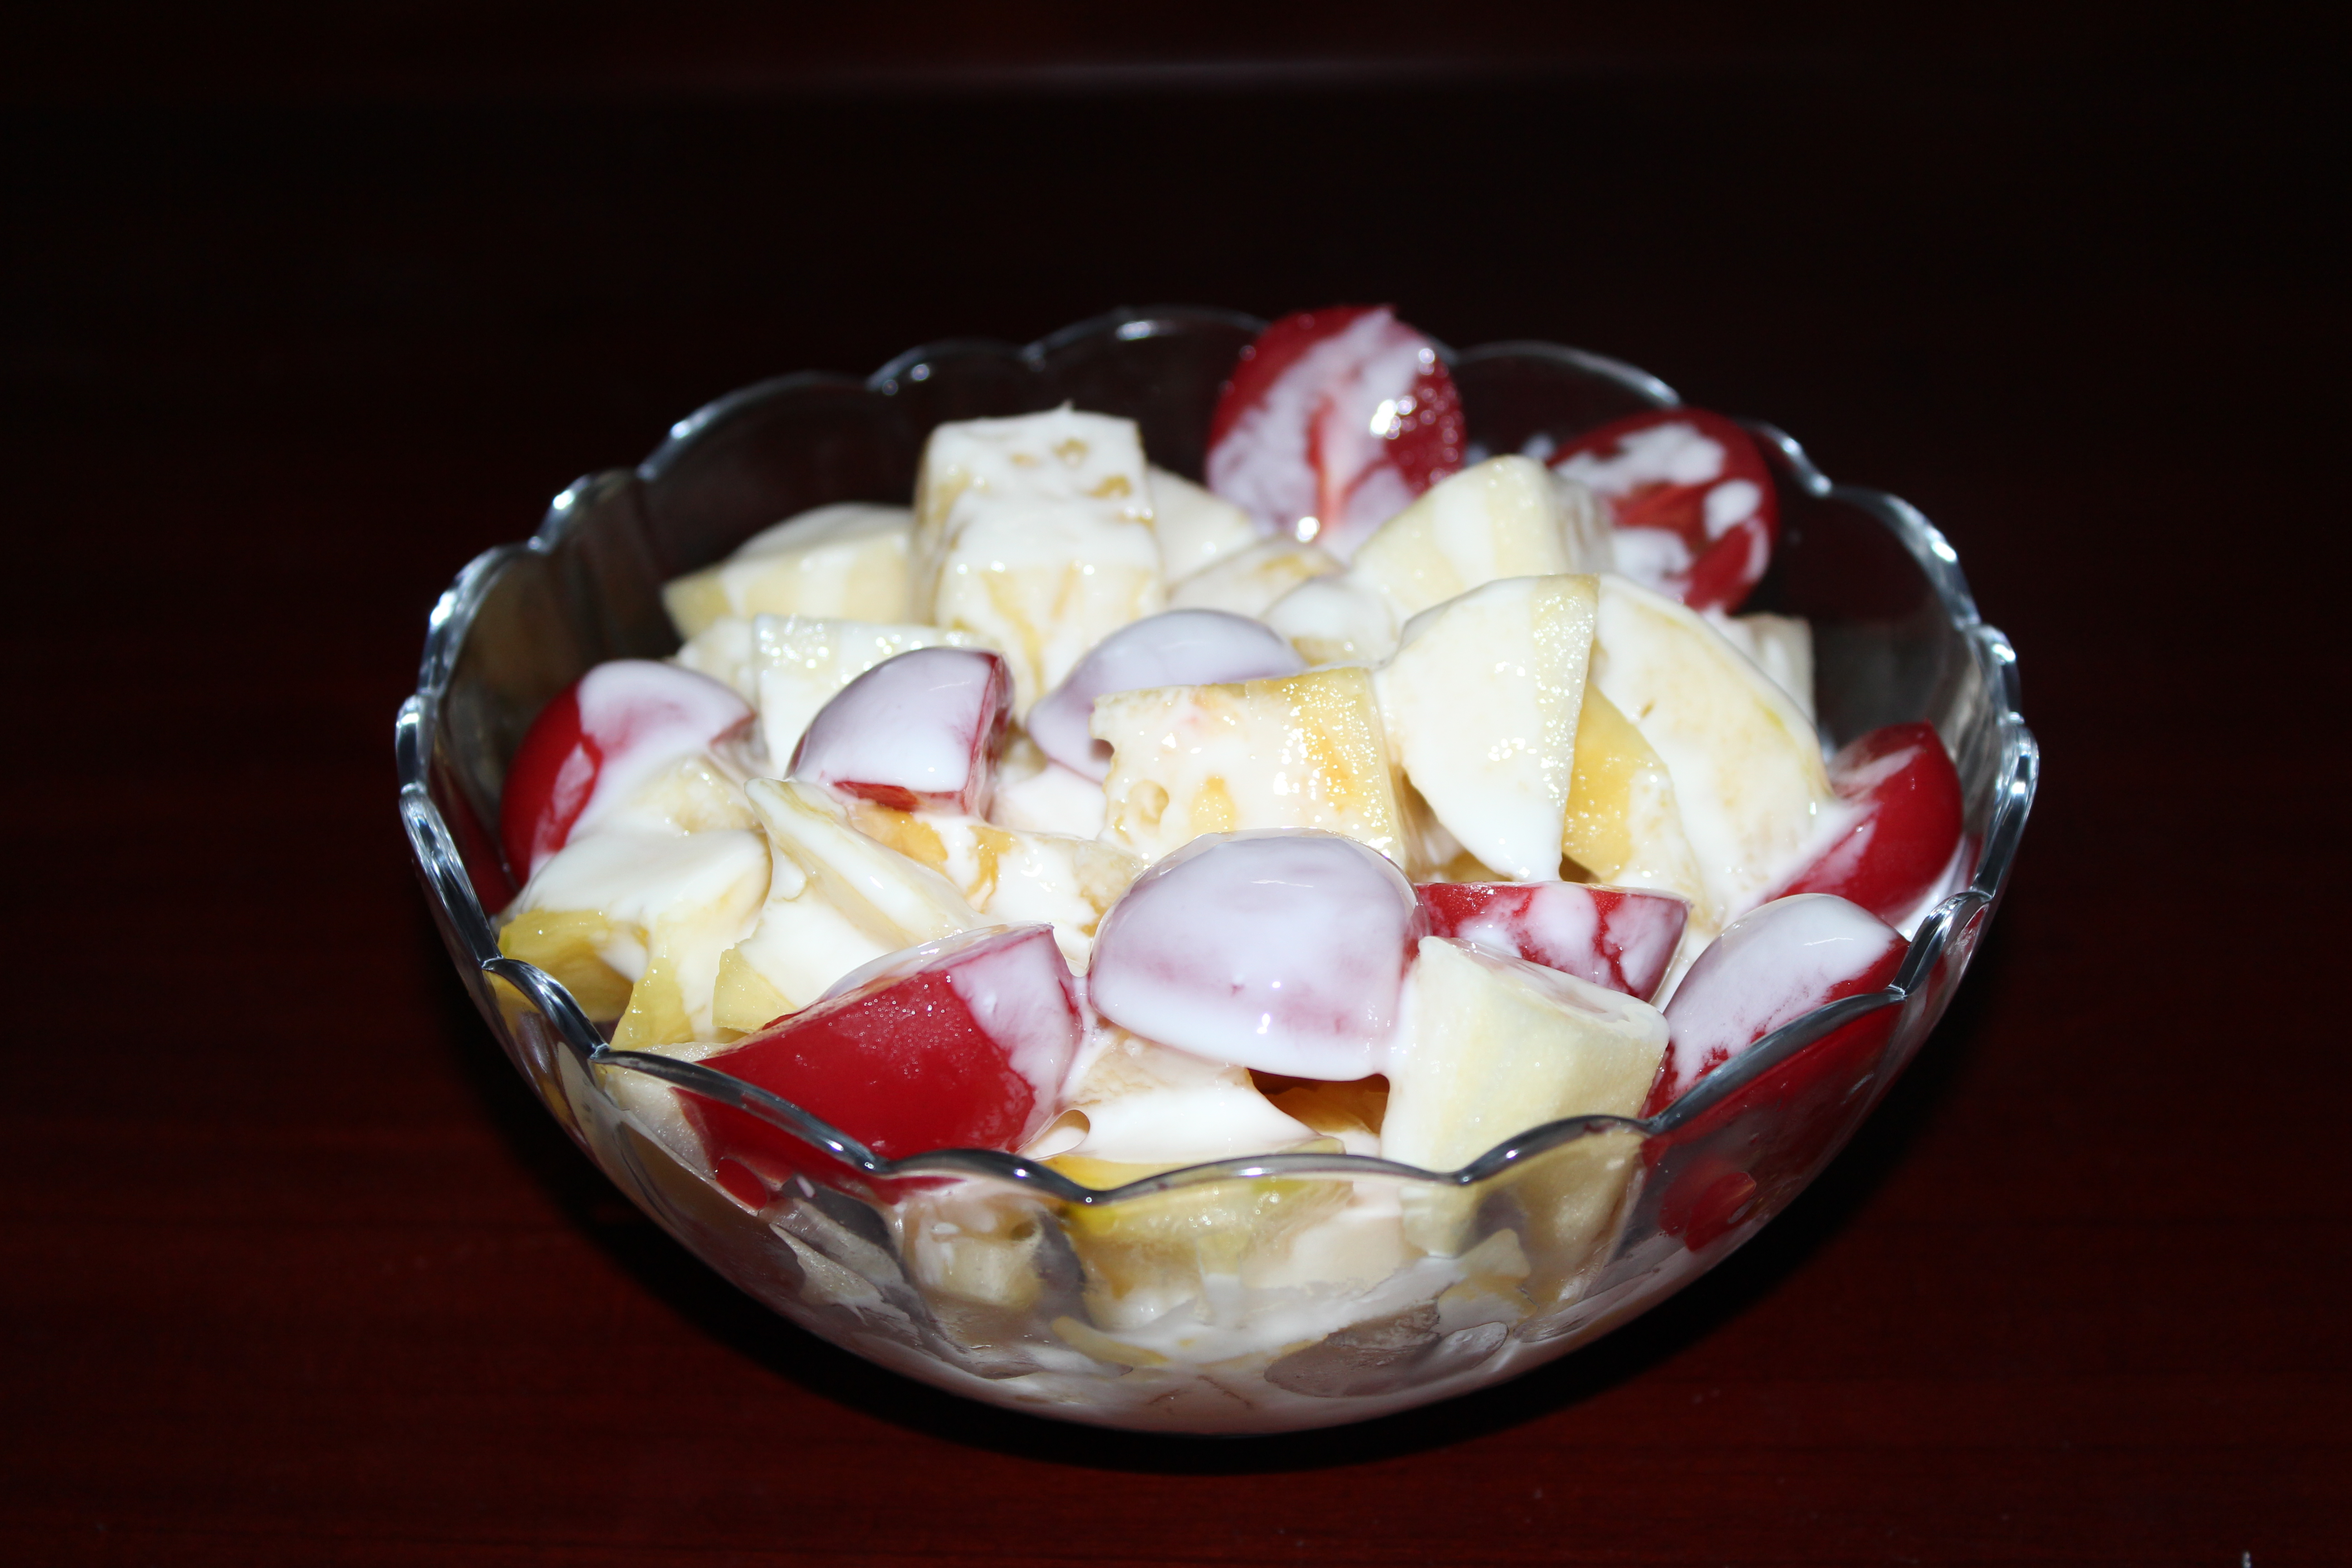 拉肚子动漫_酸奶水果沙拉的做法_【图解】酸奶水果沙拉怎么做如何做好吃 ...